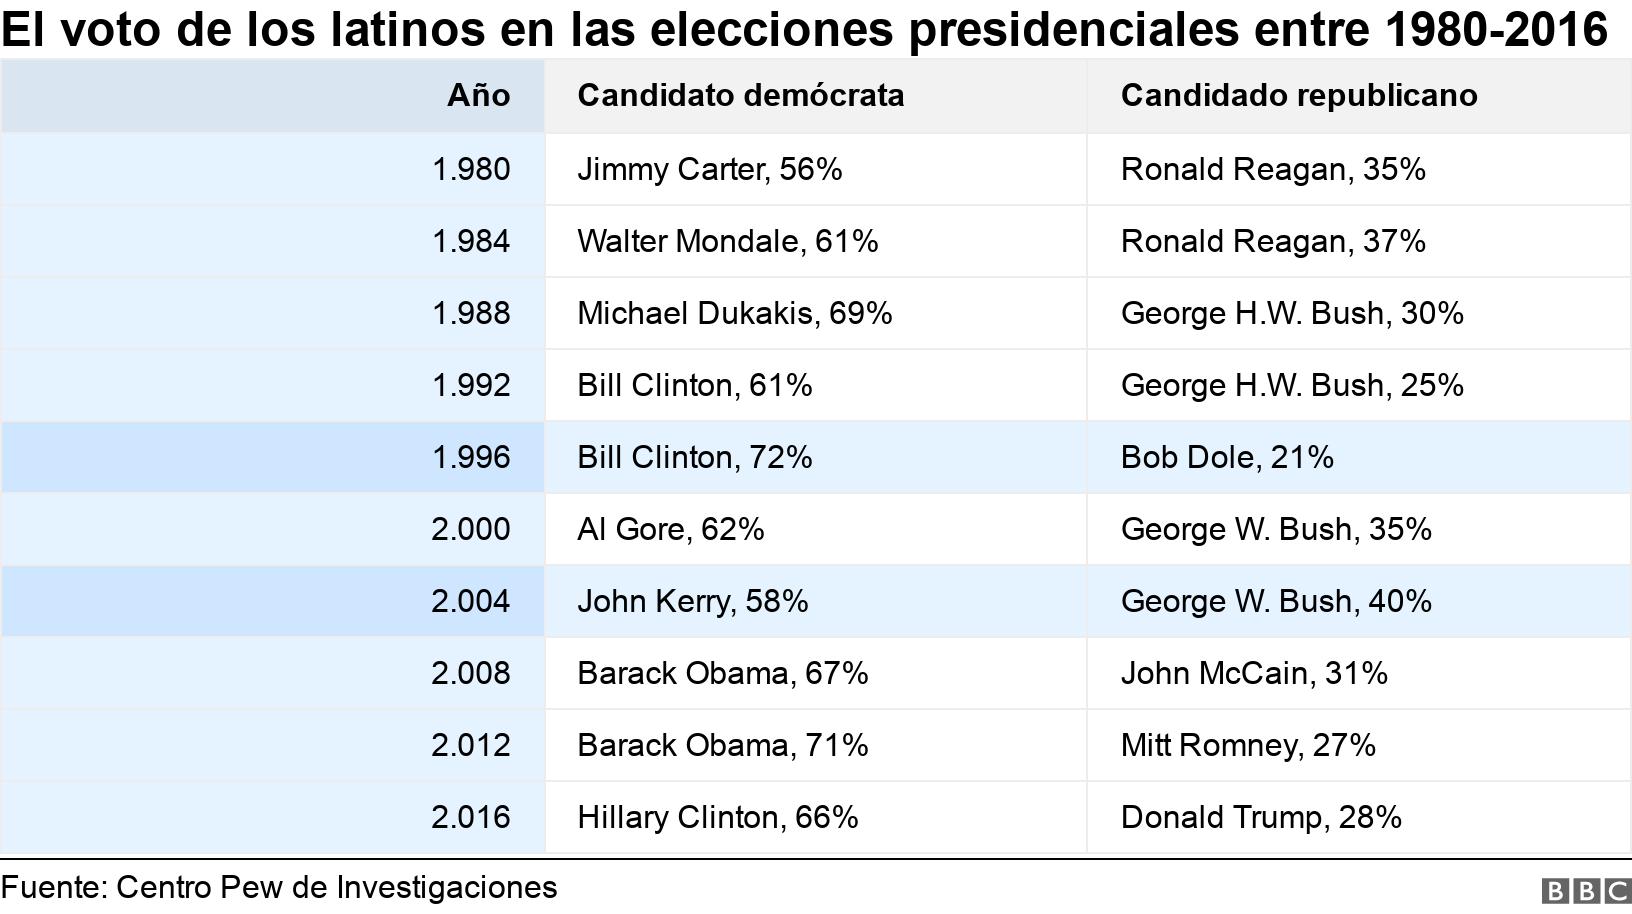 El voto de los latinos en las elecciones presidenciales entre 1980-2016. .  .